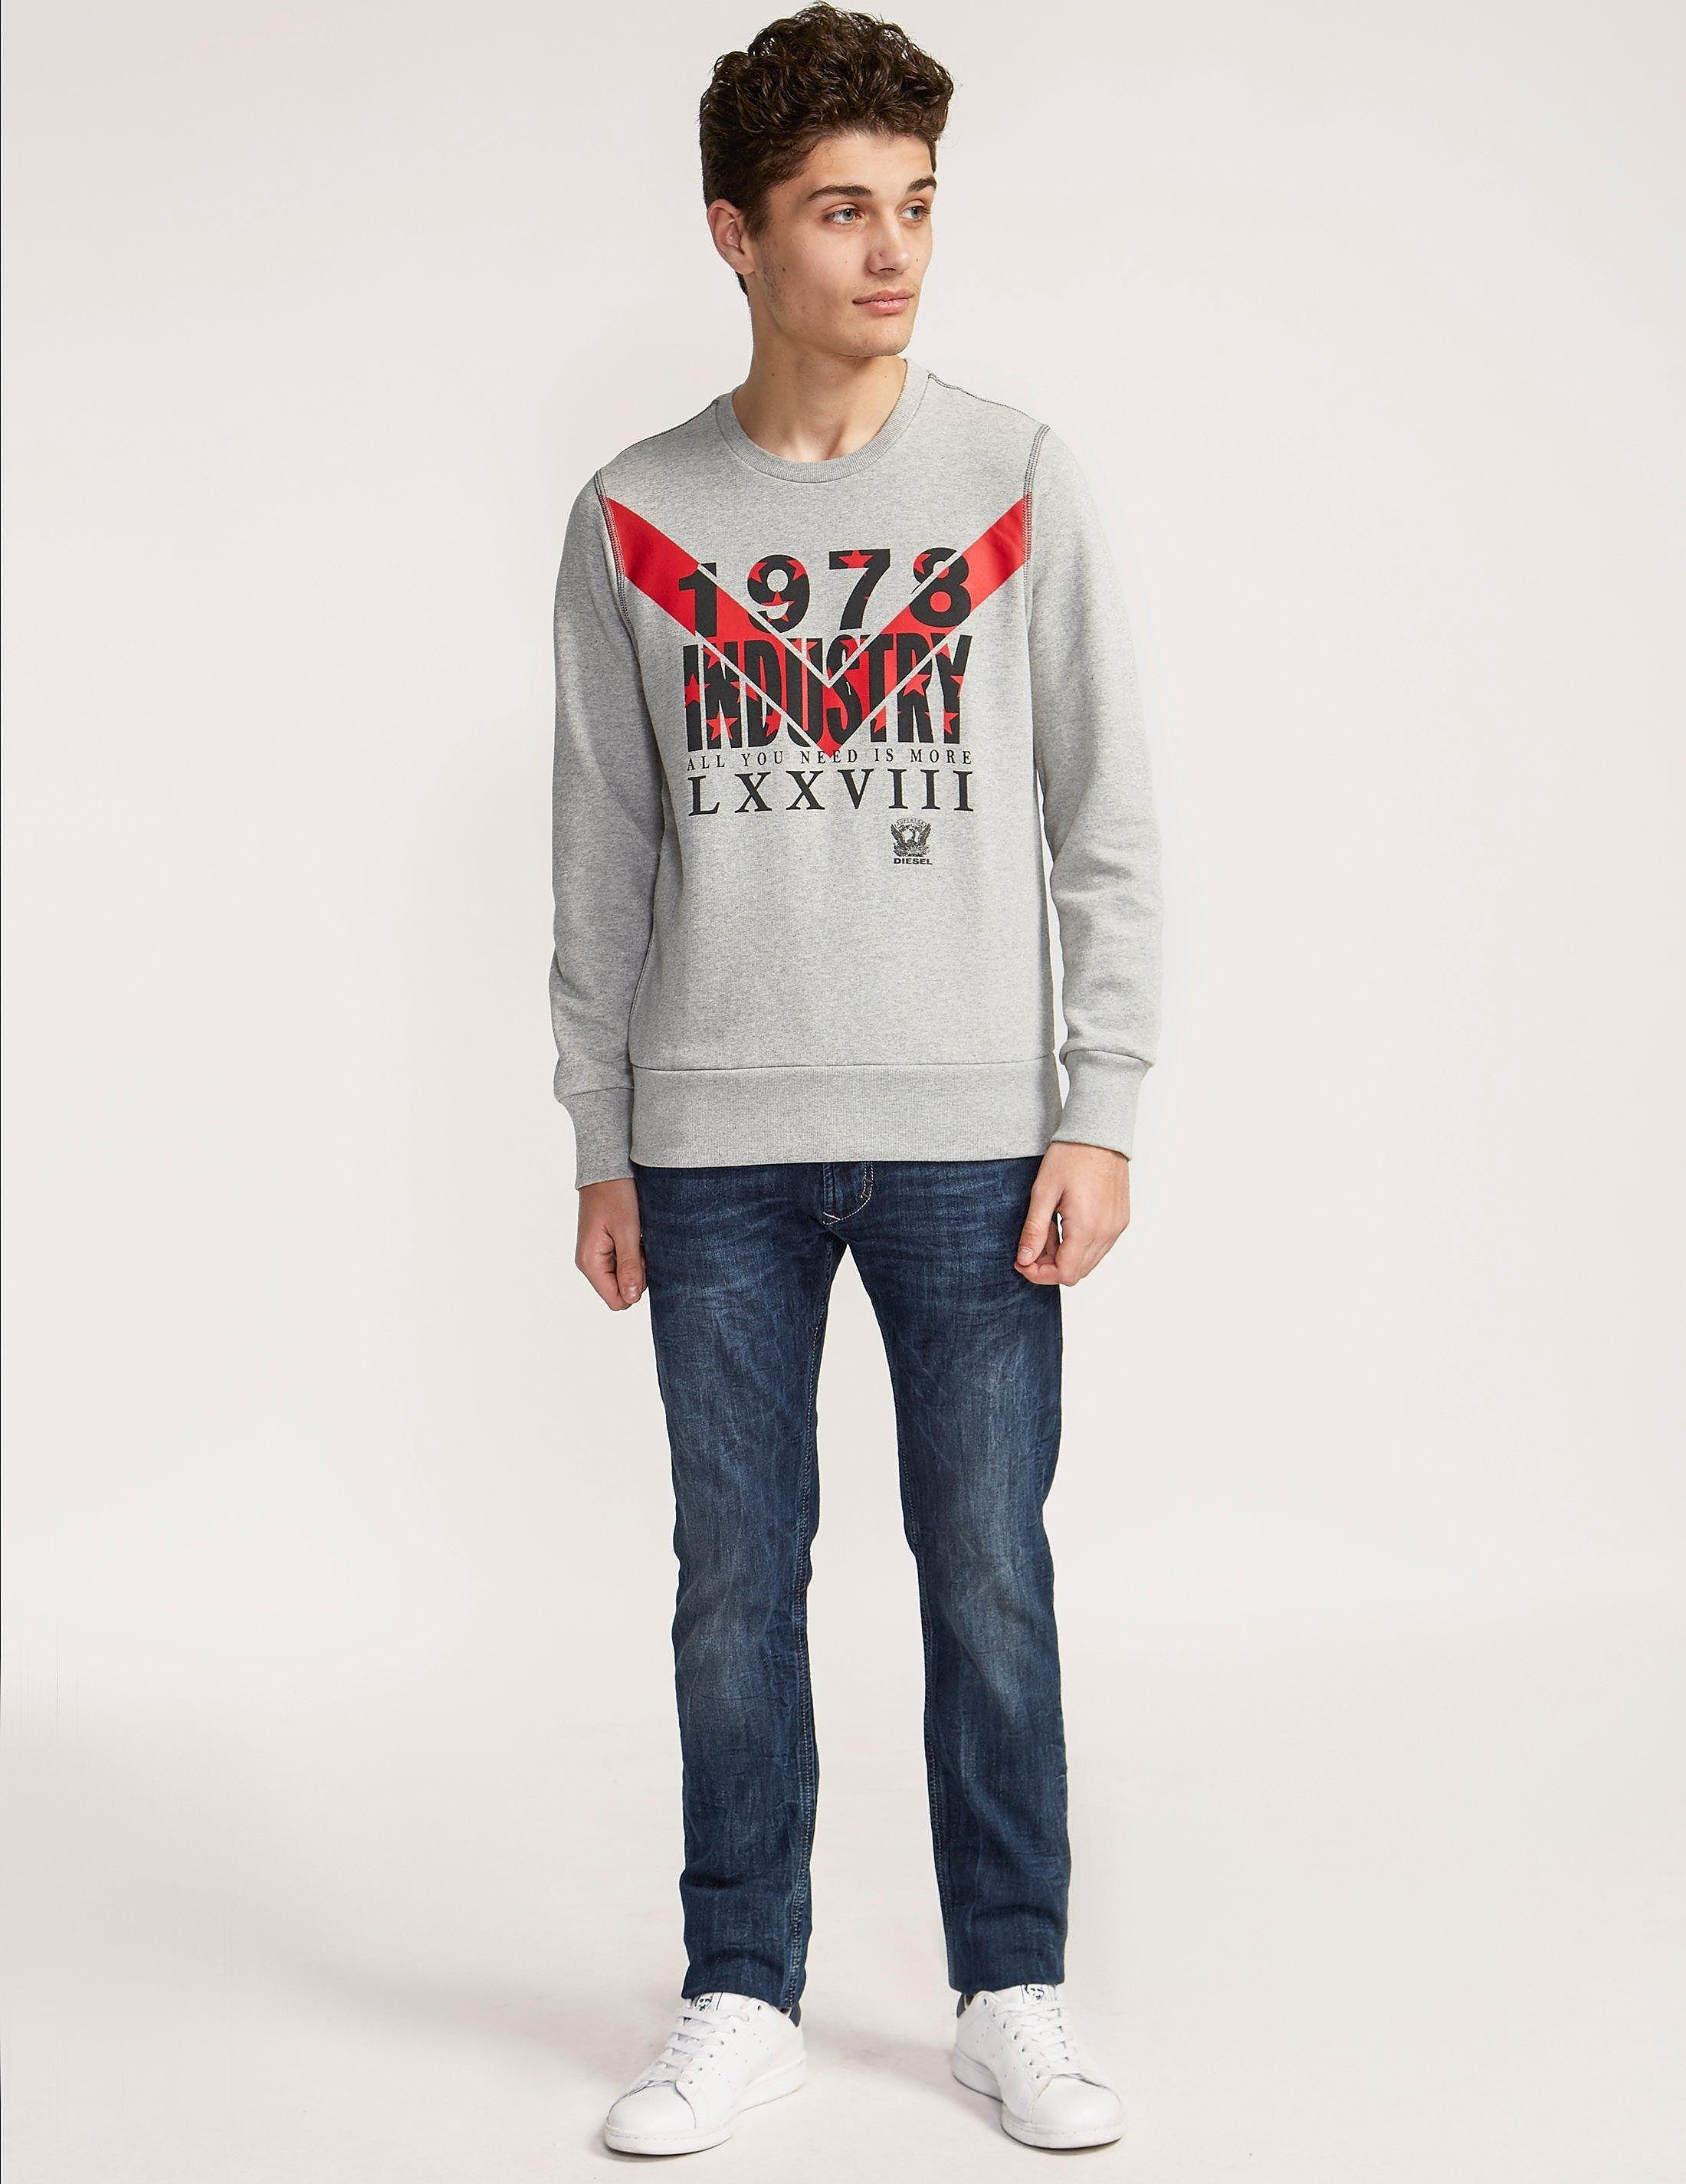 Diesel Industry Sweatshirt